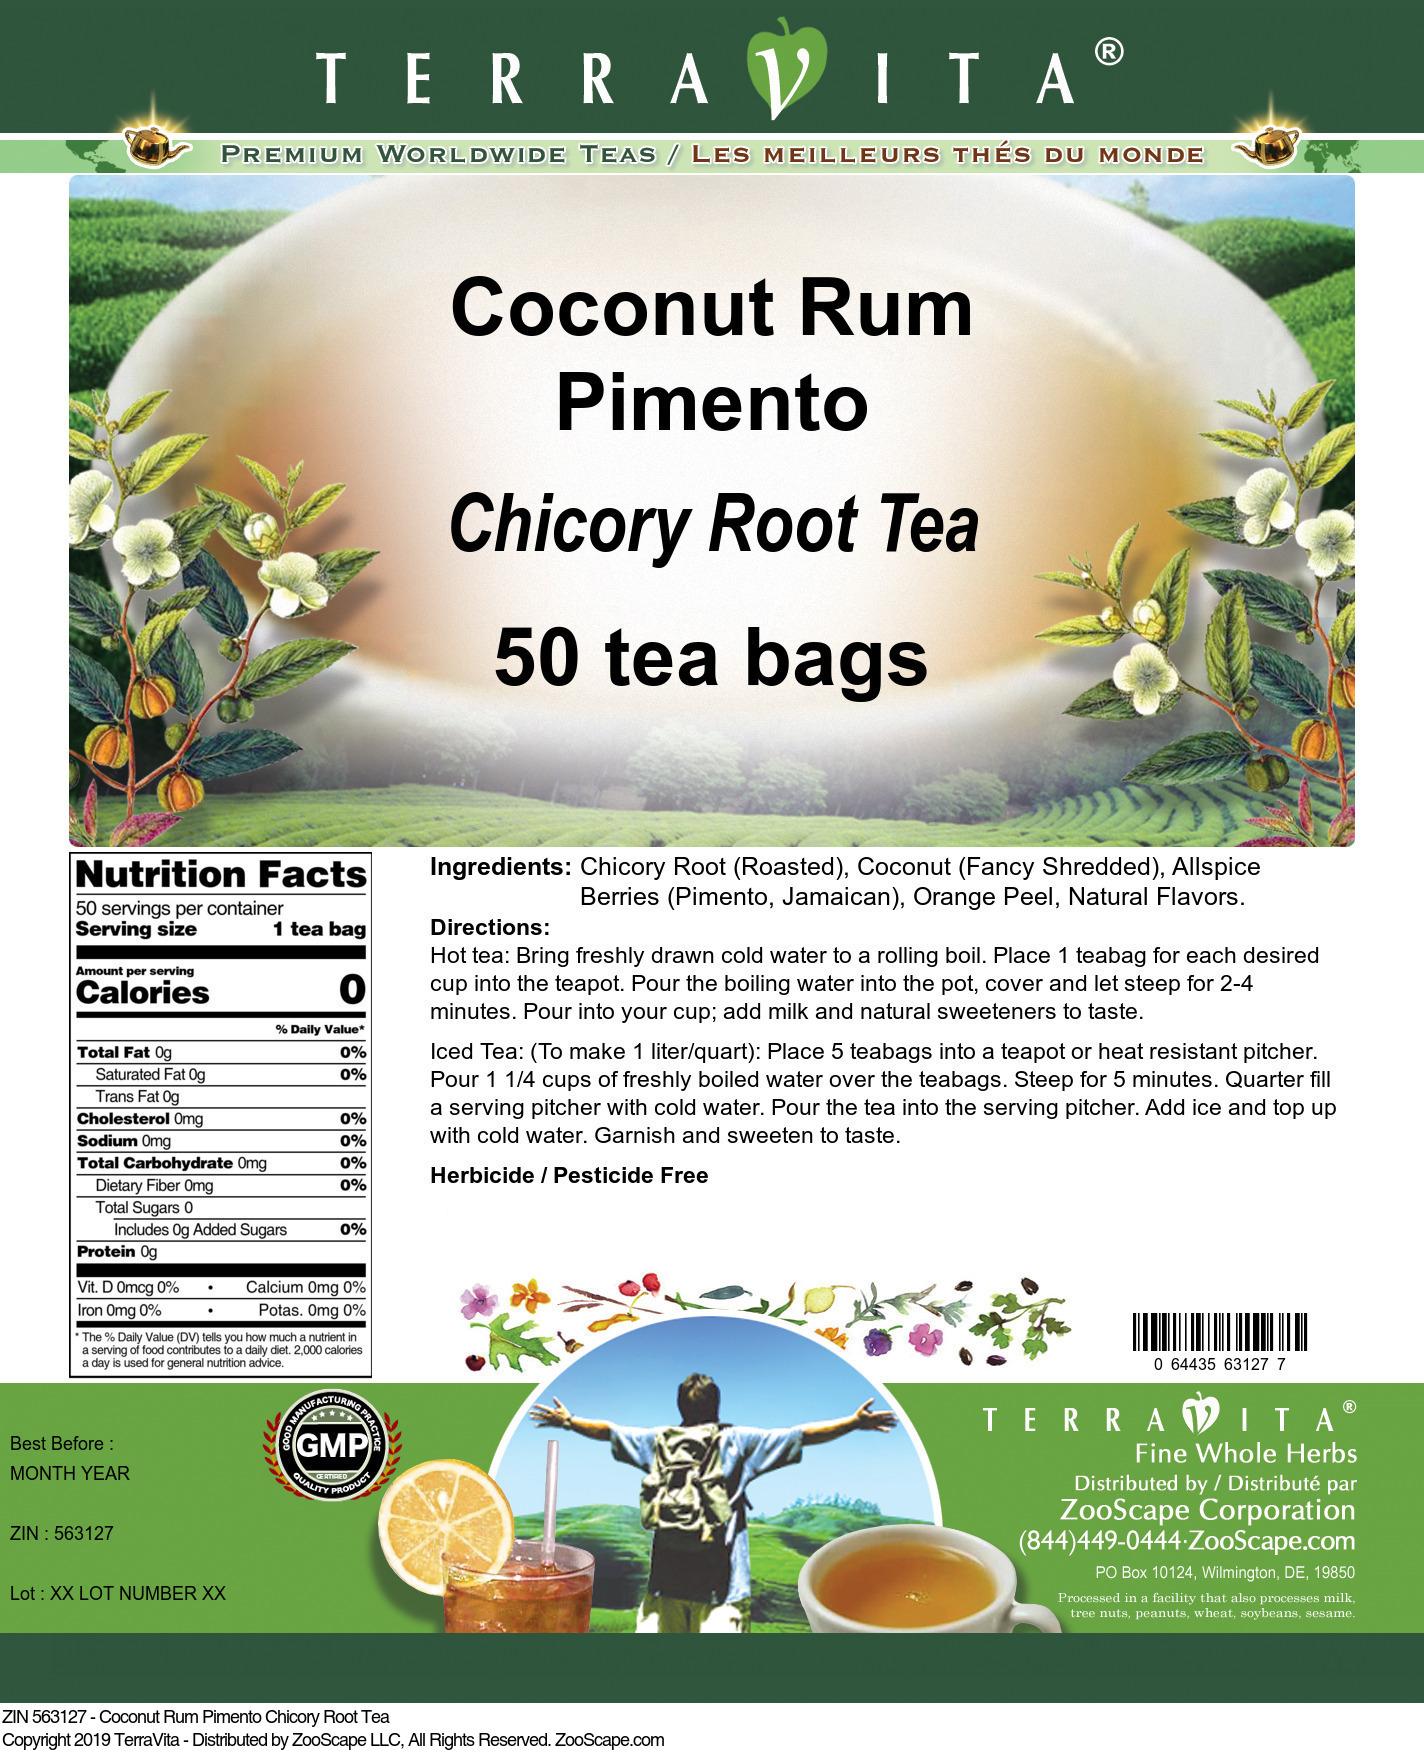 Coconut Rum Pimento Chicory Root Tea